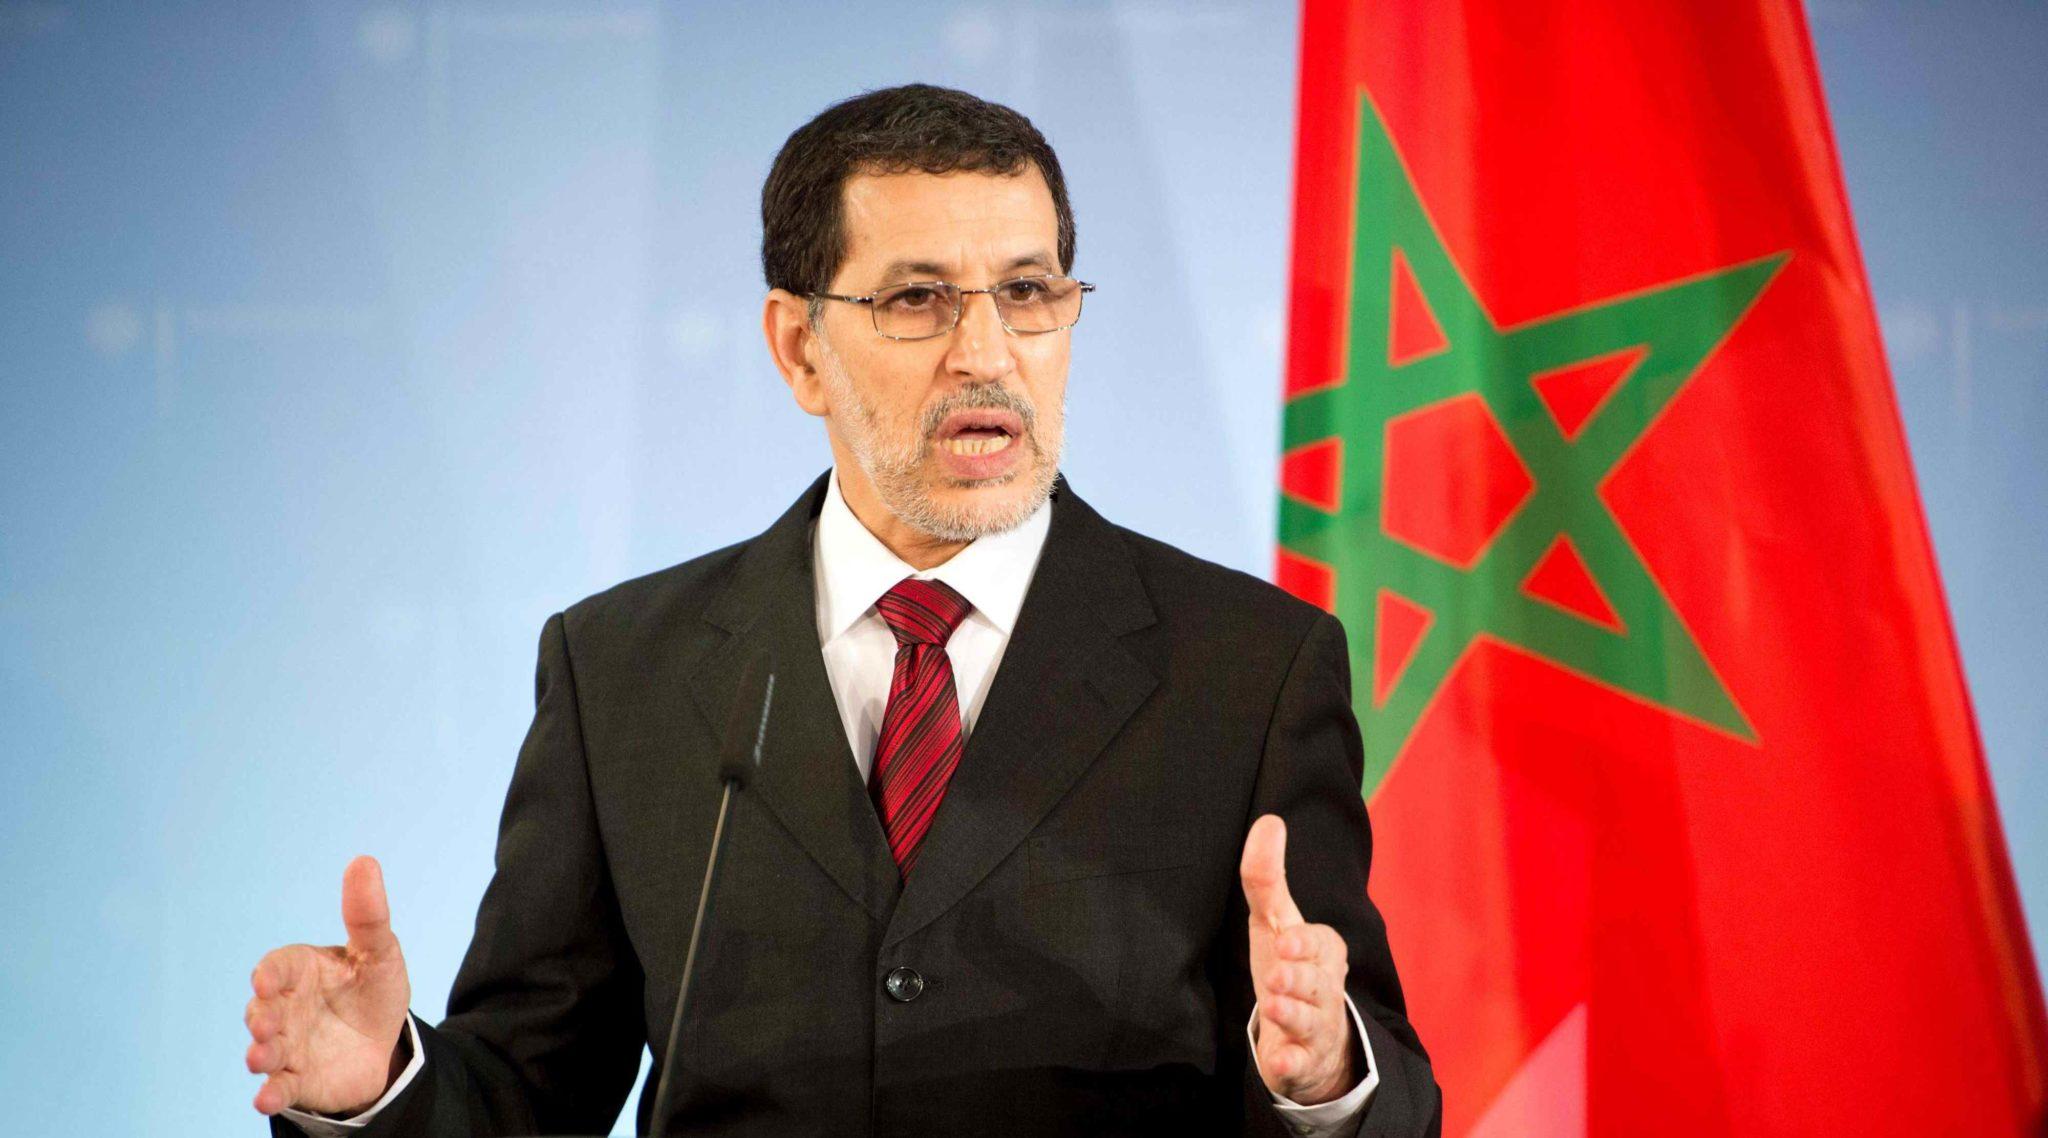 600 ألف عامل مغربي فقدوا عملهم بسبب فيروس كورونا